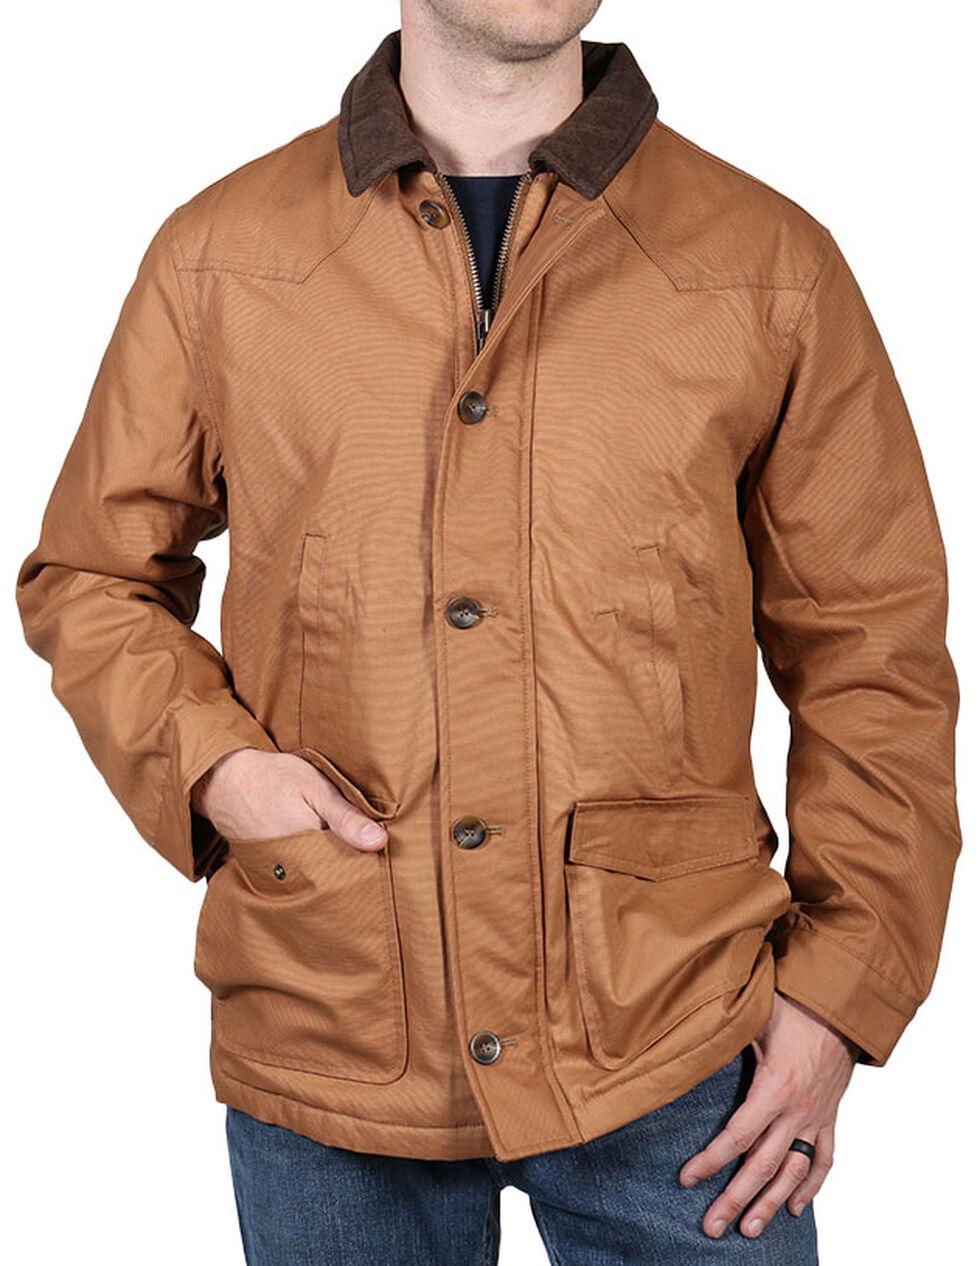 Cody James Men's Hunt Jacket, Tan, hi-res